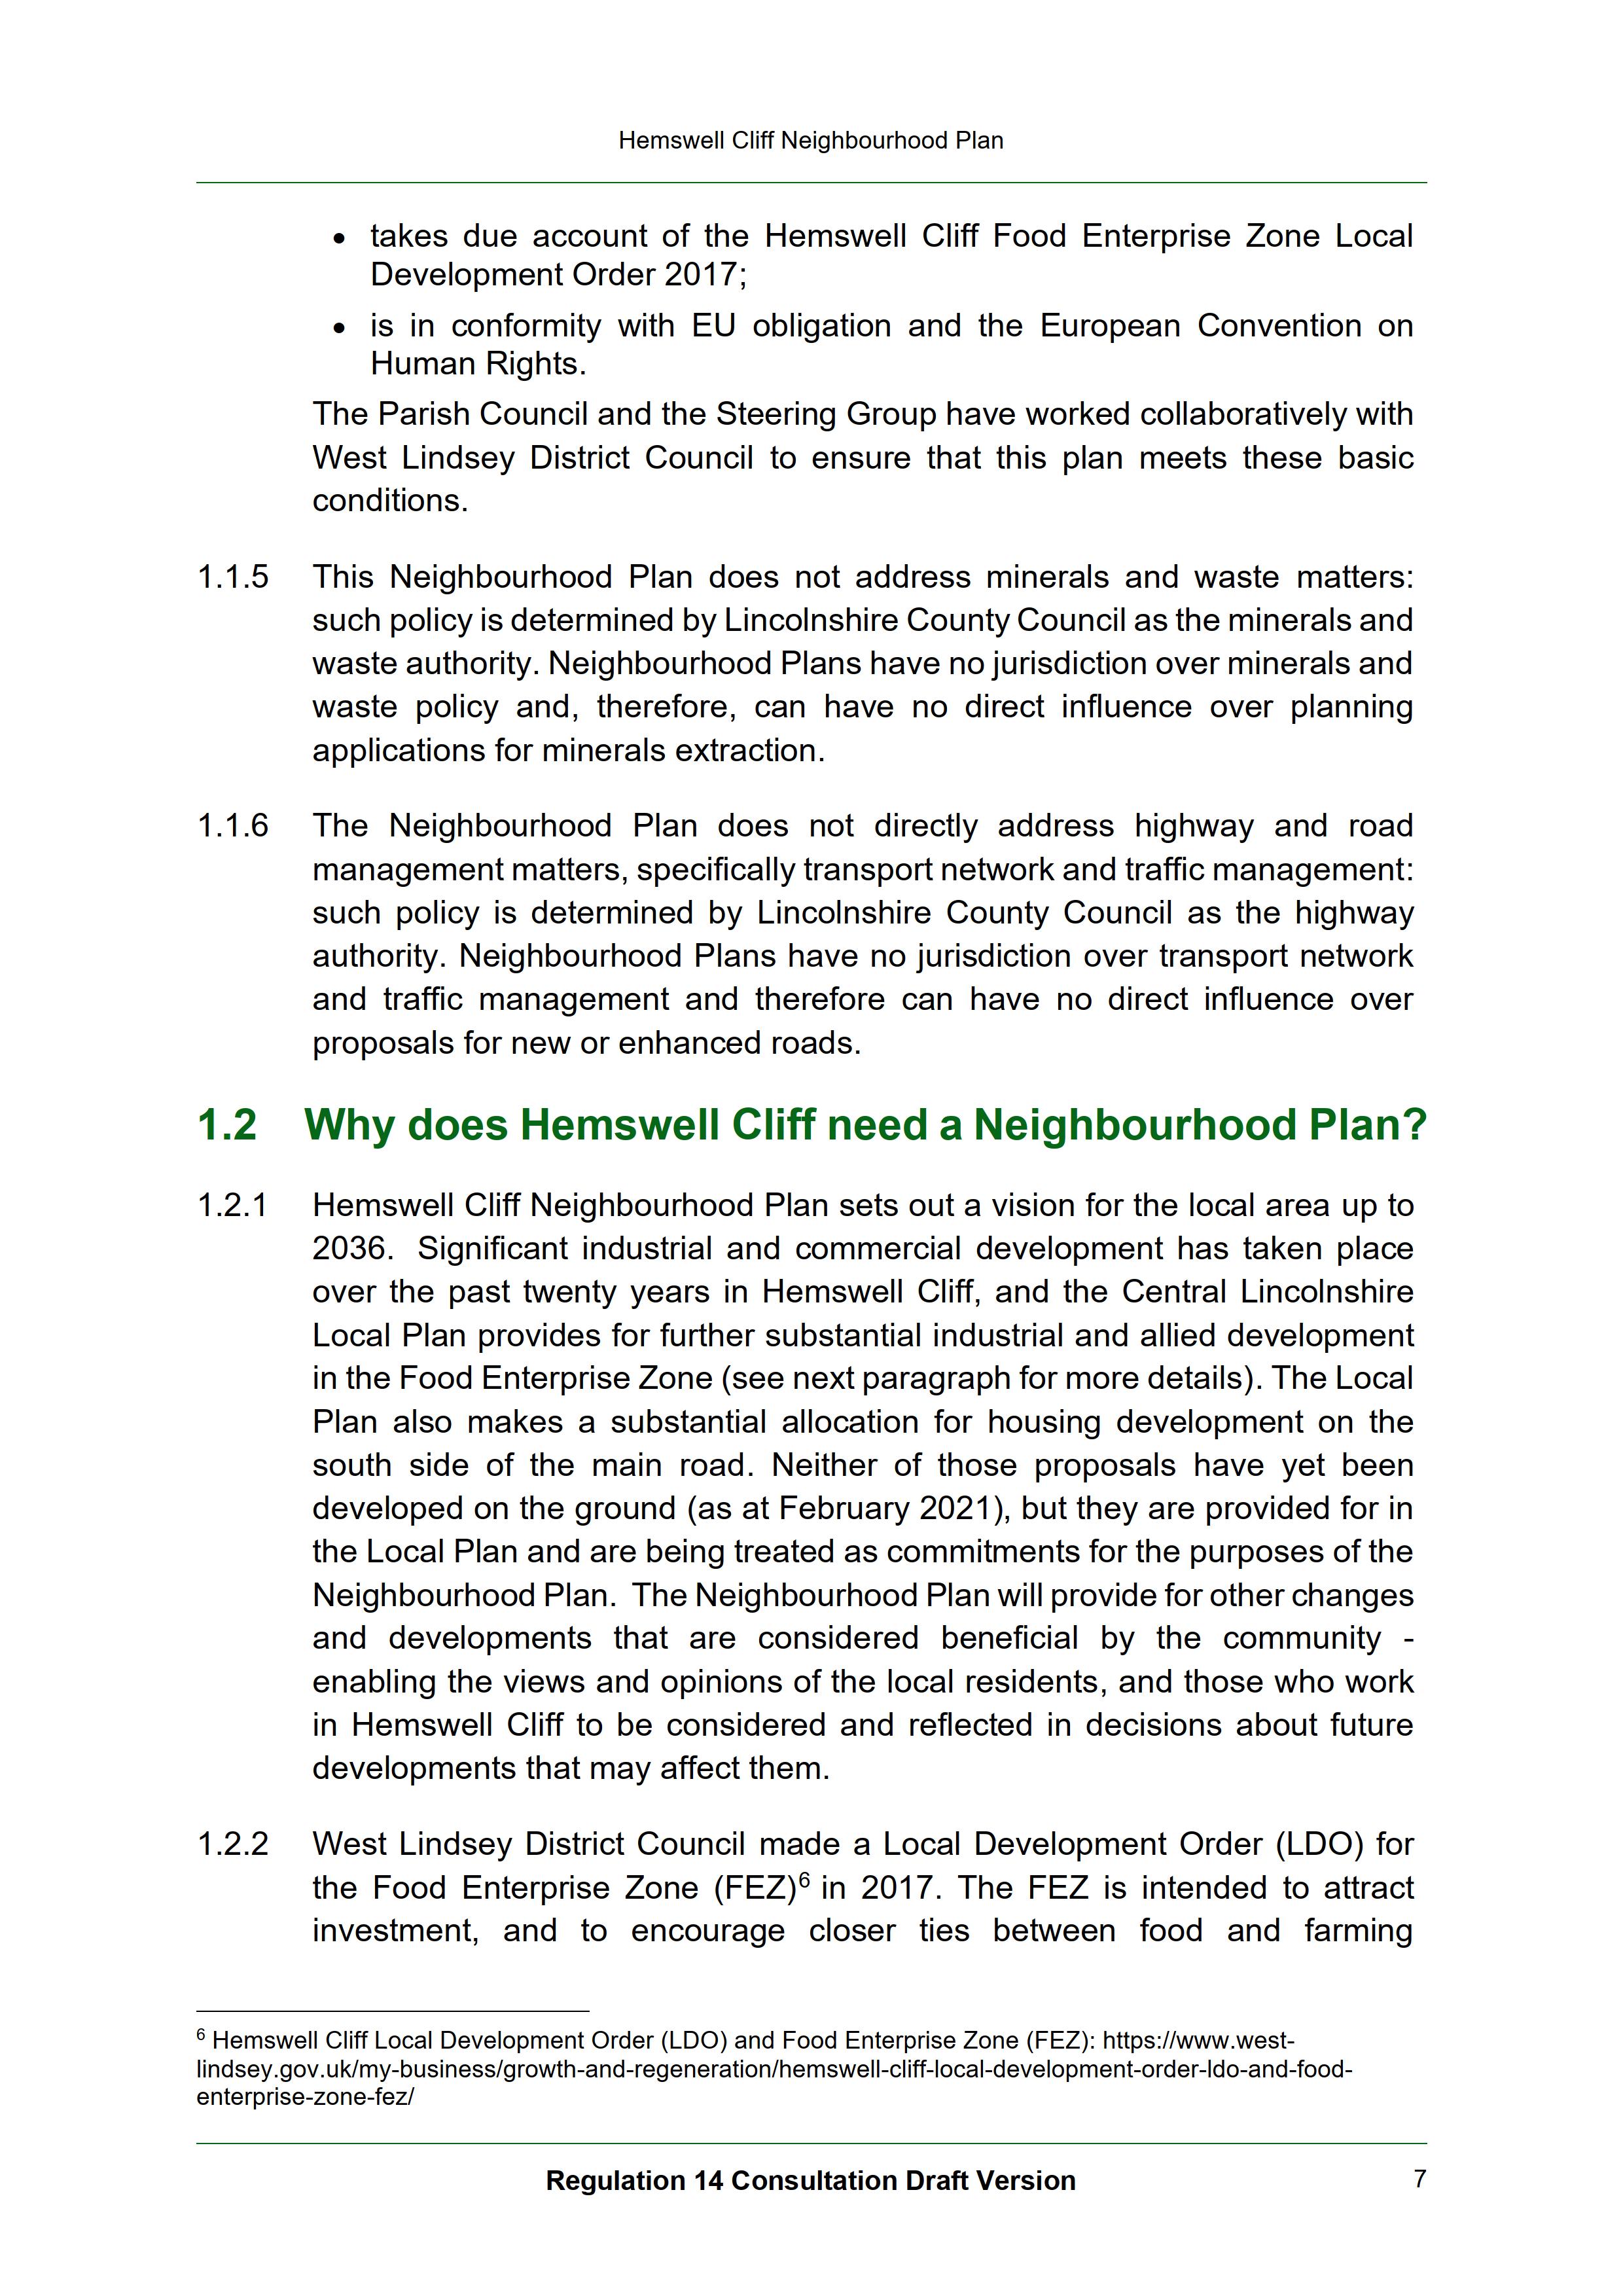 Hemswell_Cliff_R14_Draft_Neighbourhood_Plan_07.png